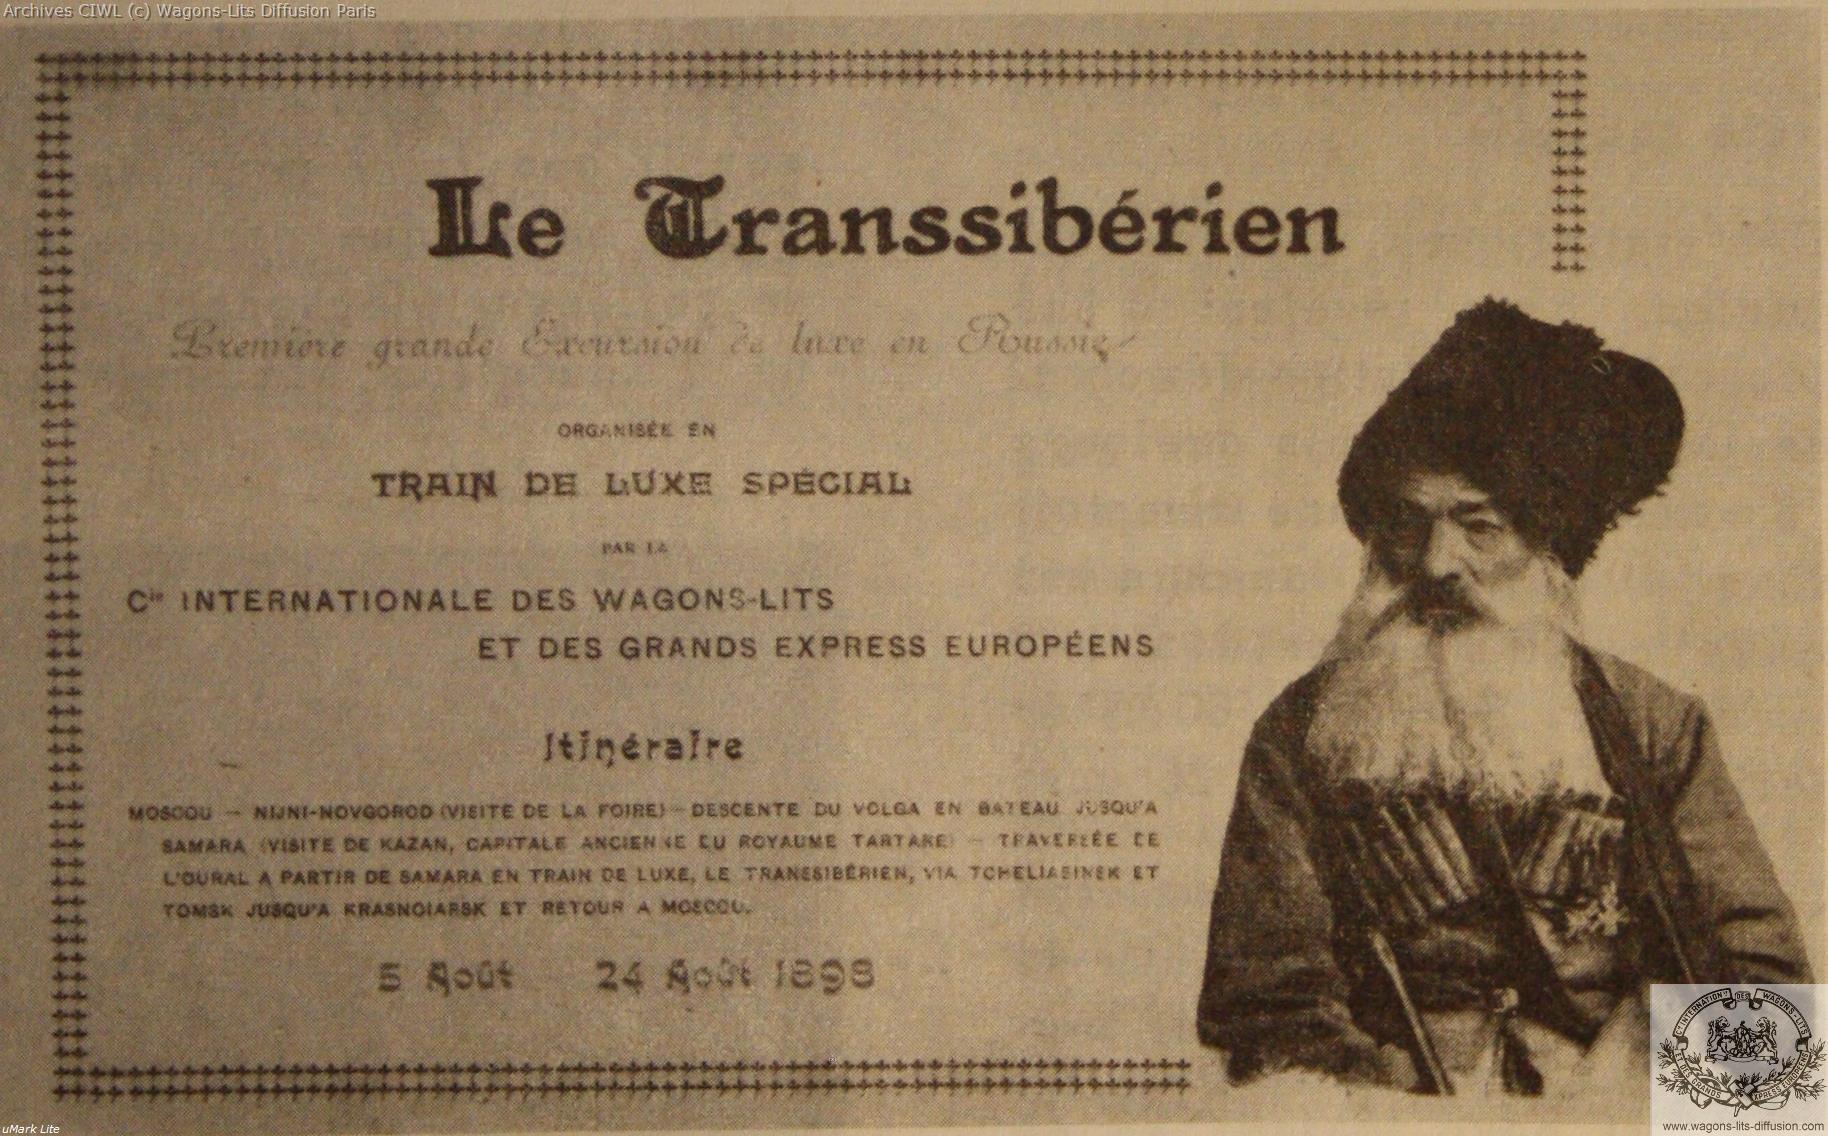 Wl transsiberien 1899